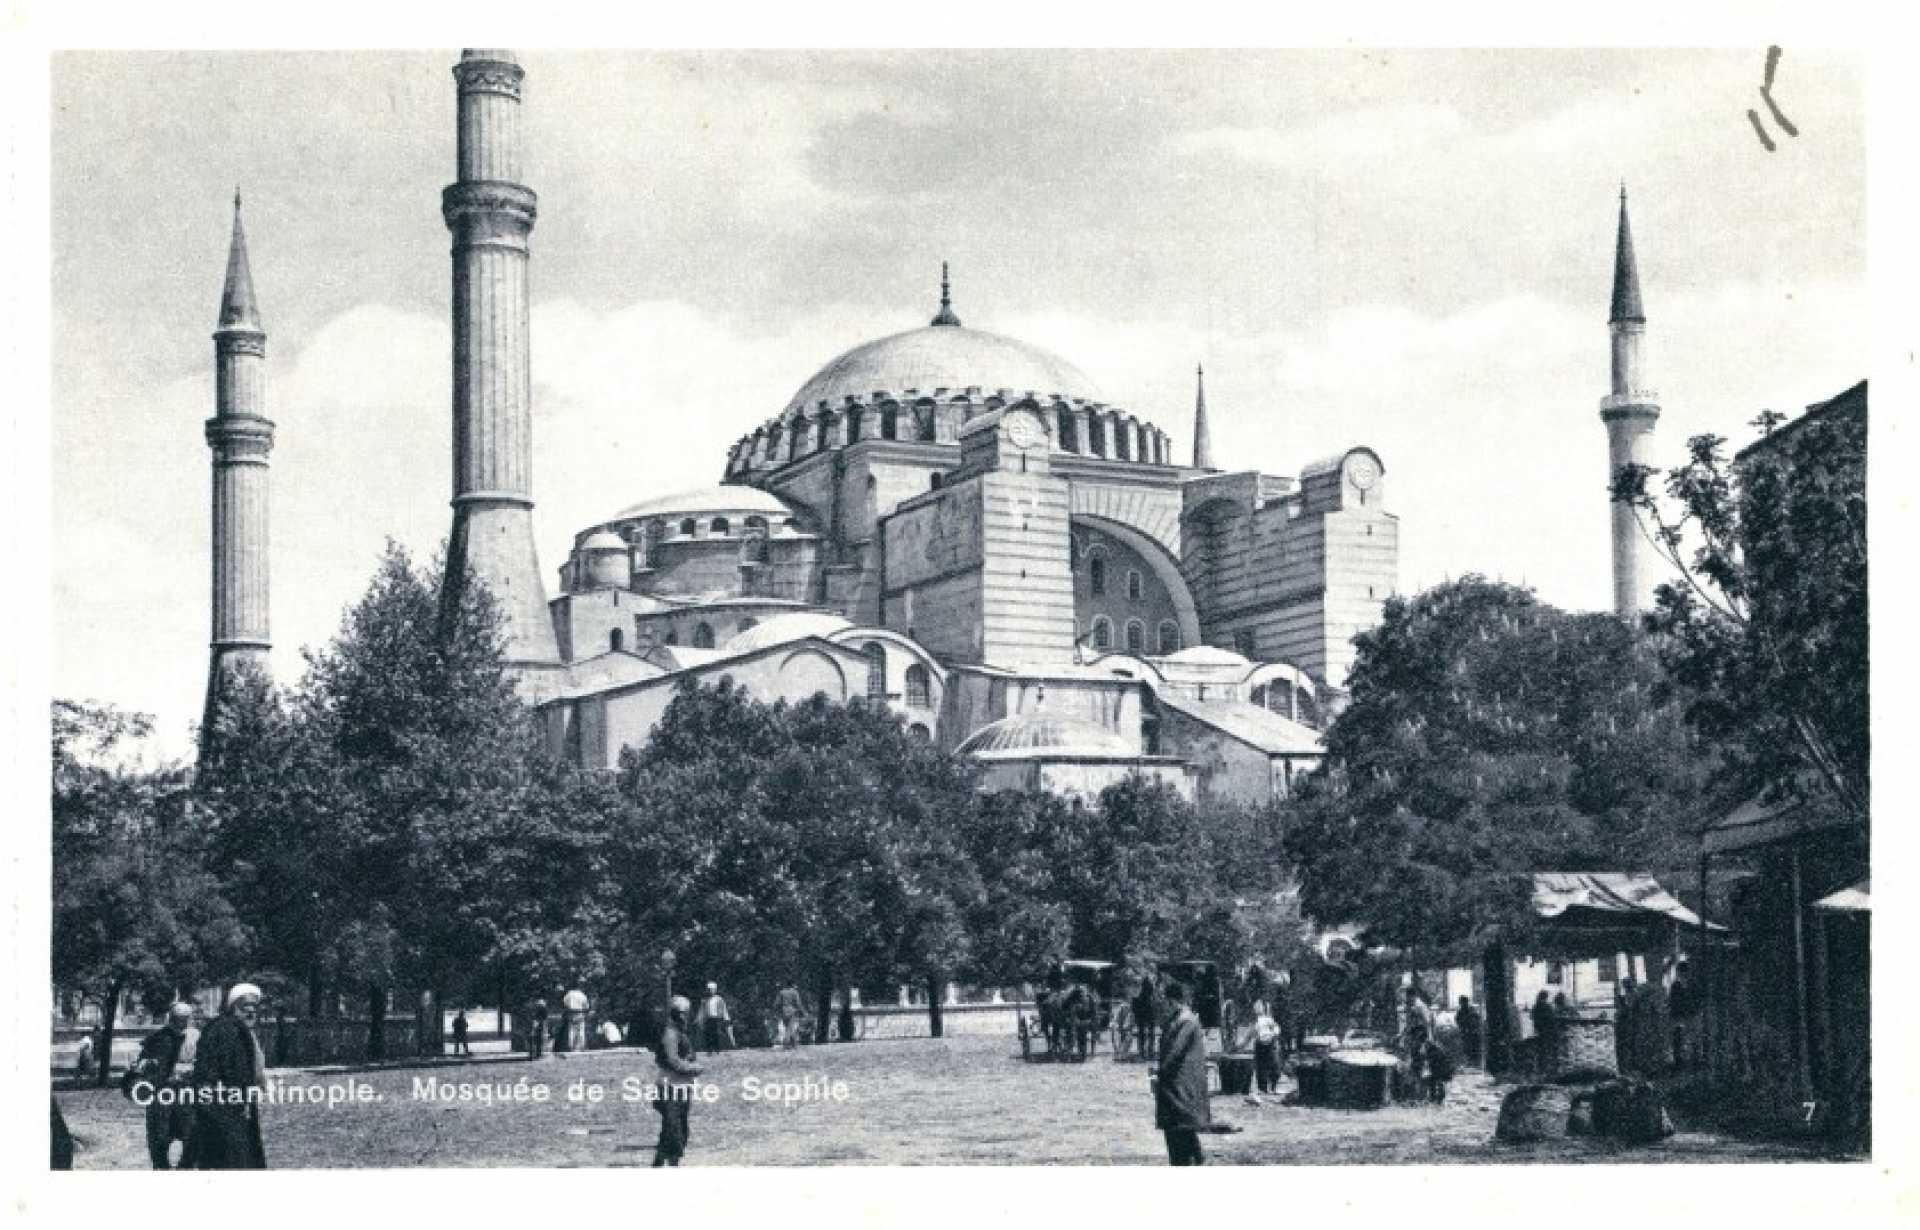 Mosquee de Sainte Sophie